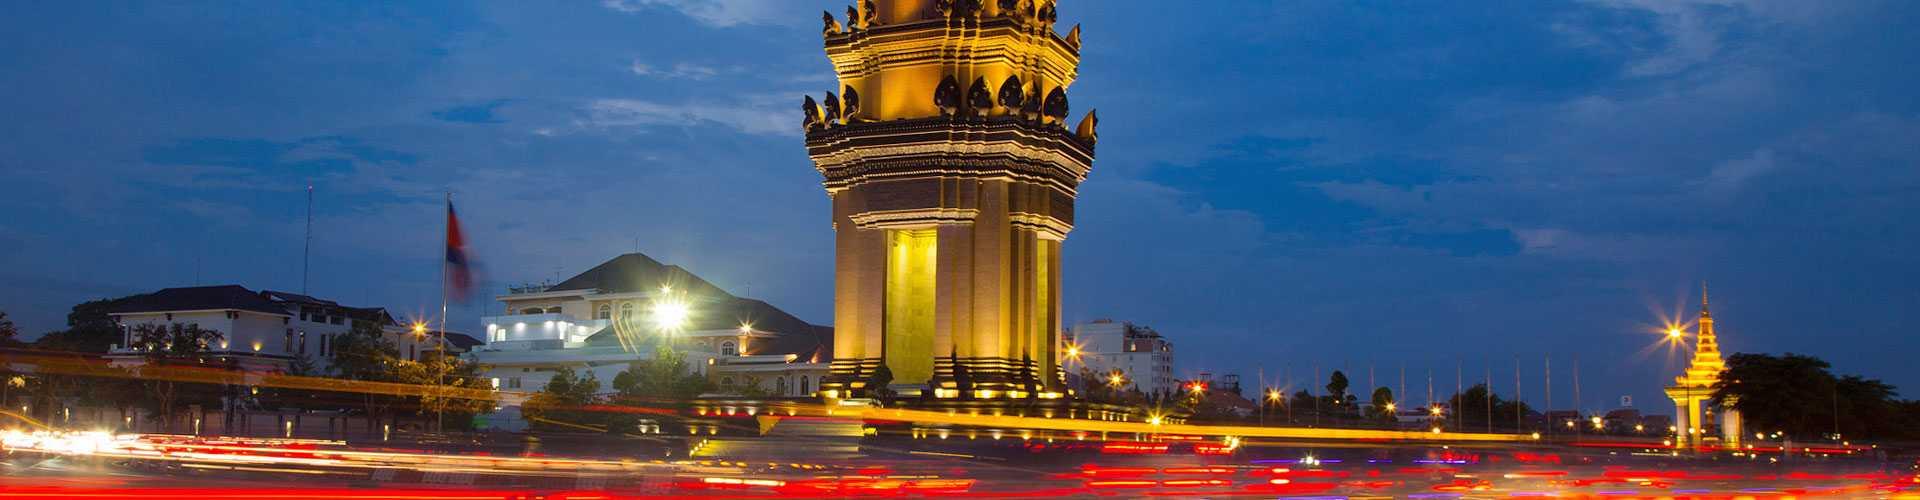 Monumento de la Independencia de Phnom Penh